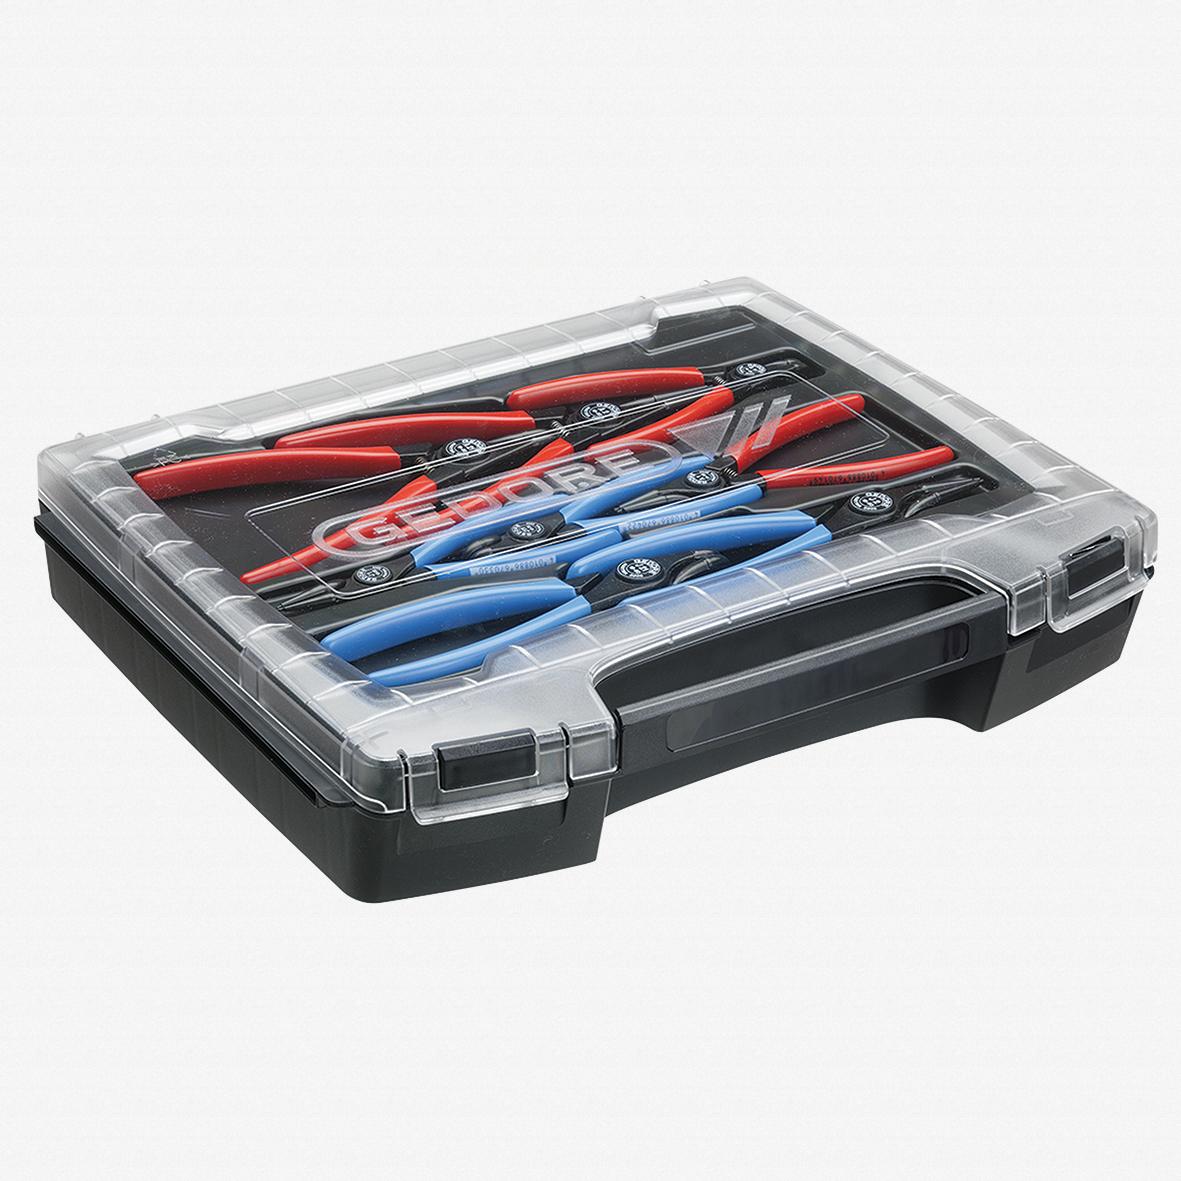 Gedore RZB1-19 Set of circlip pliers, 8 pcs - KC Tool - KC Tool